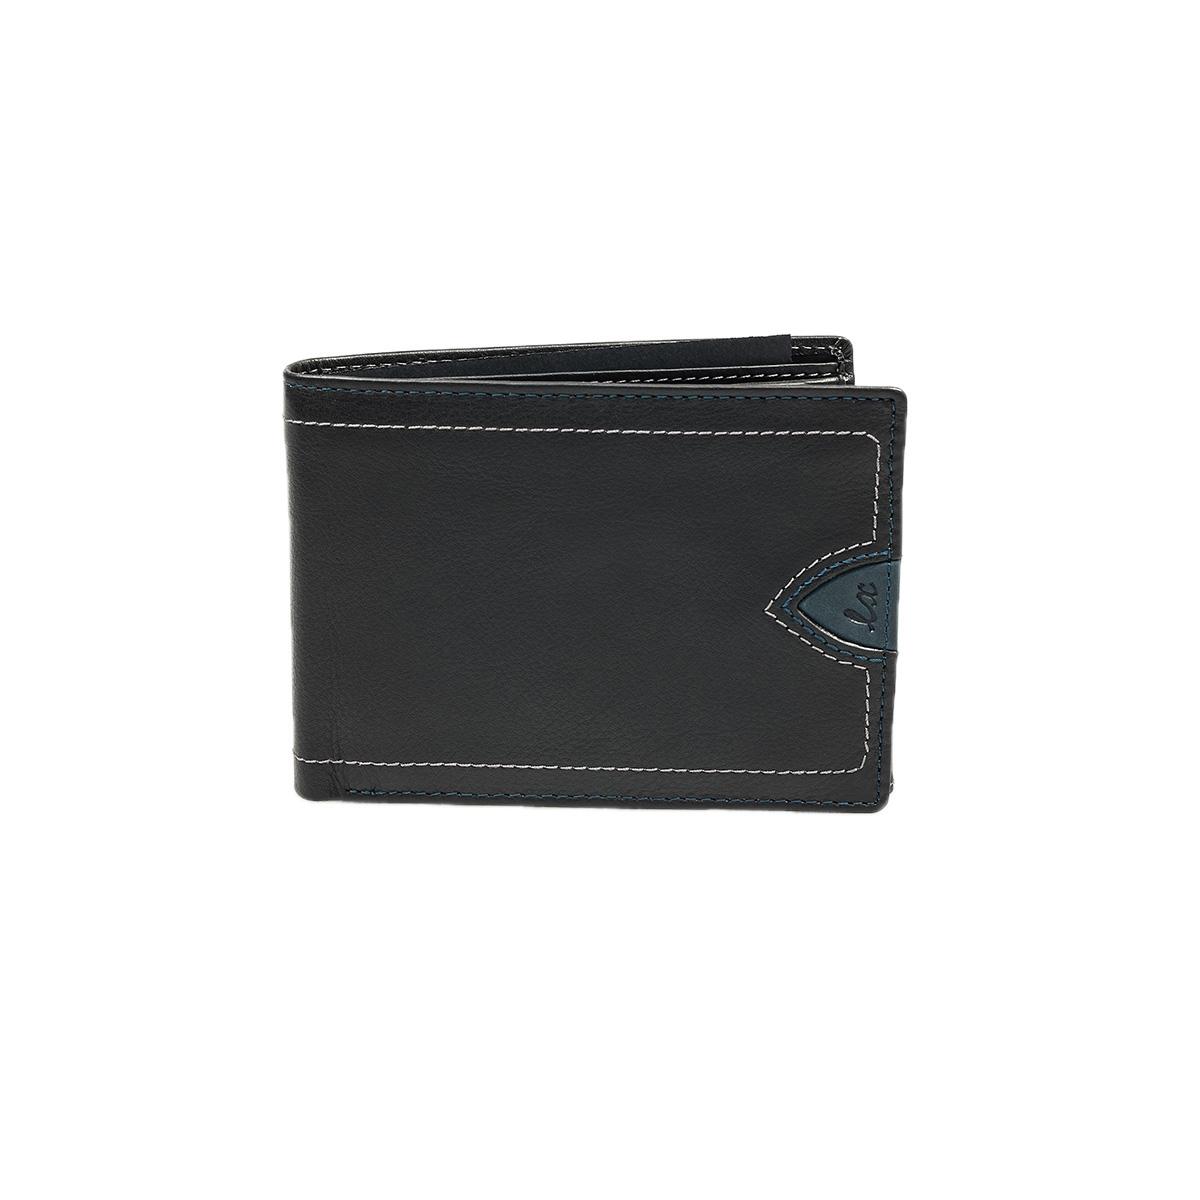 Luxus 8340 Μαύρο Πορτοφόλι Ανδρικό - Κούμπωμα